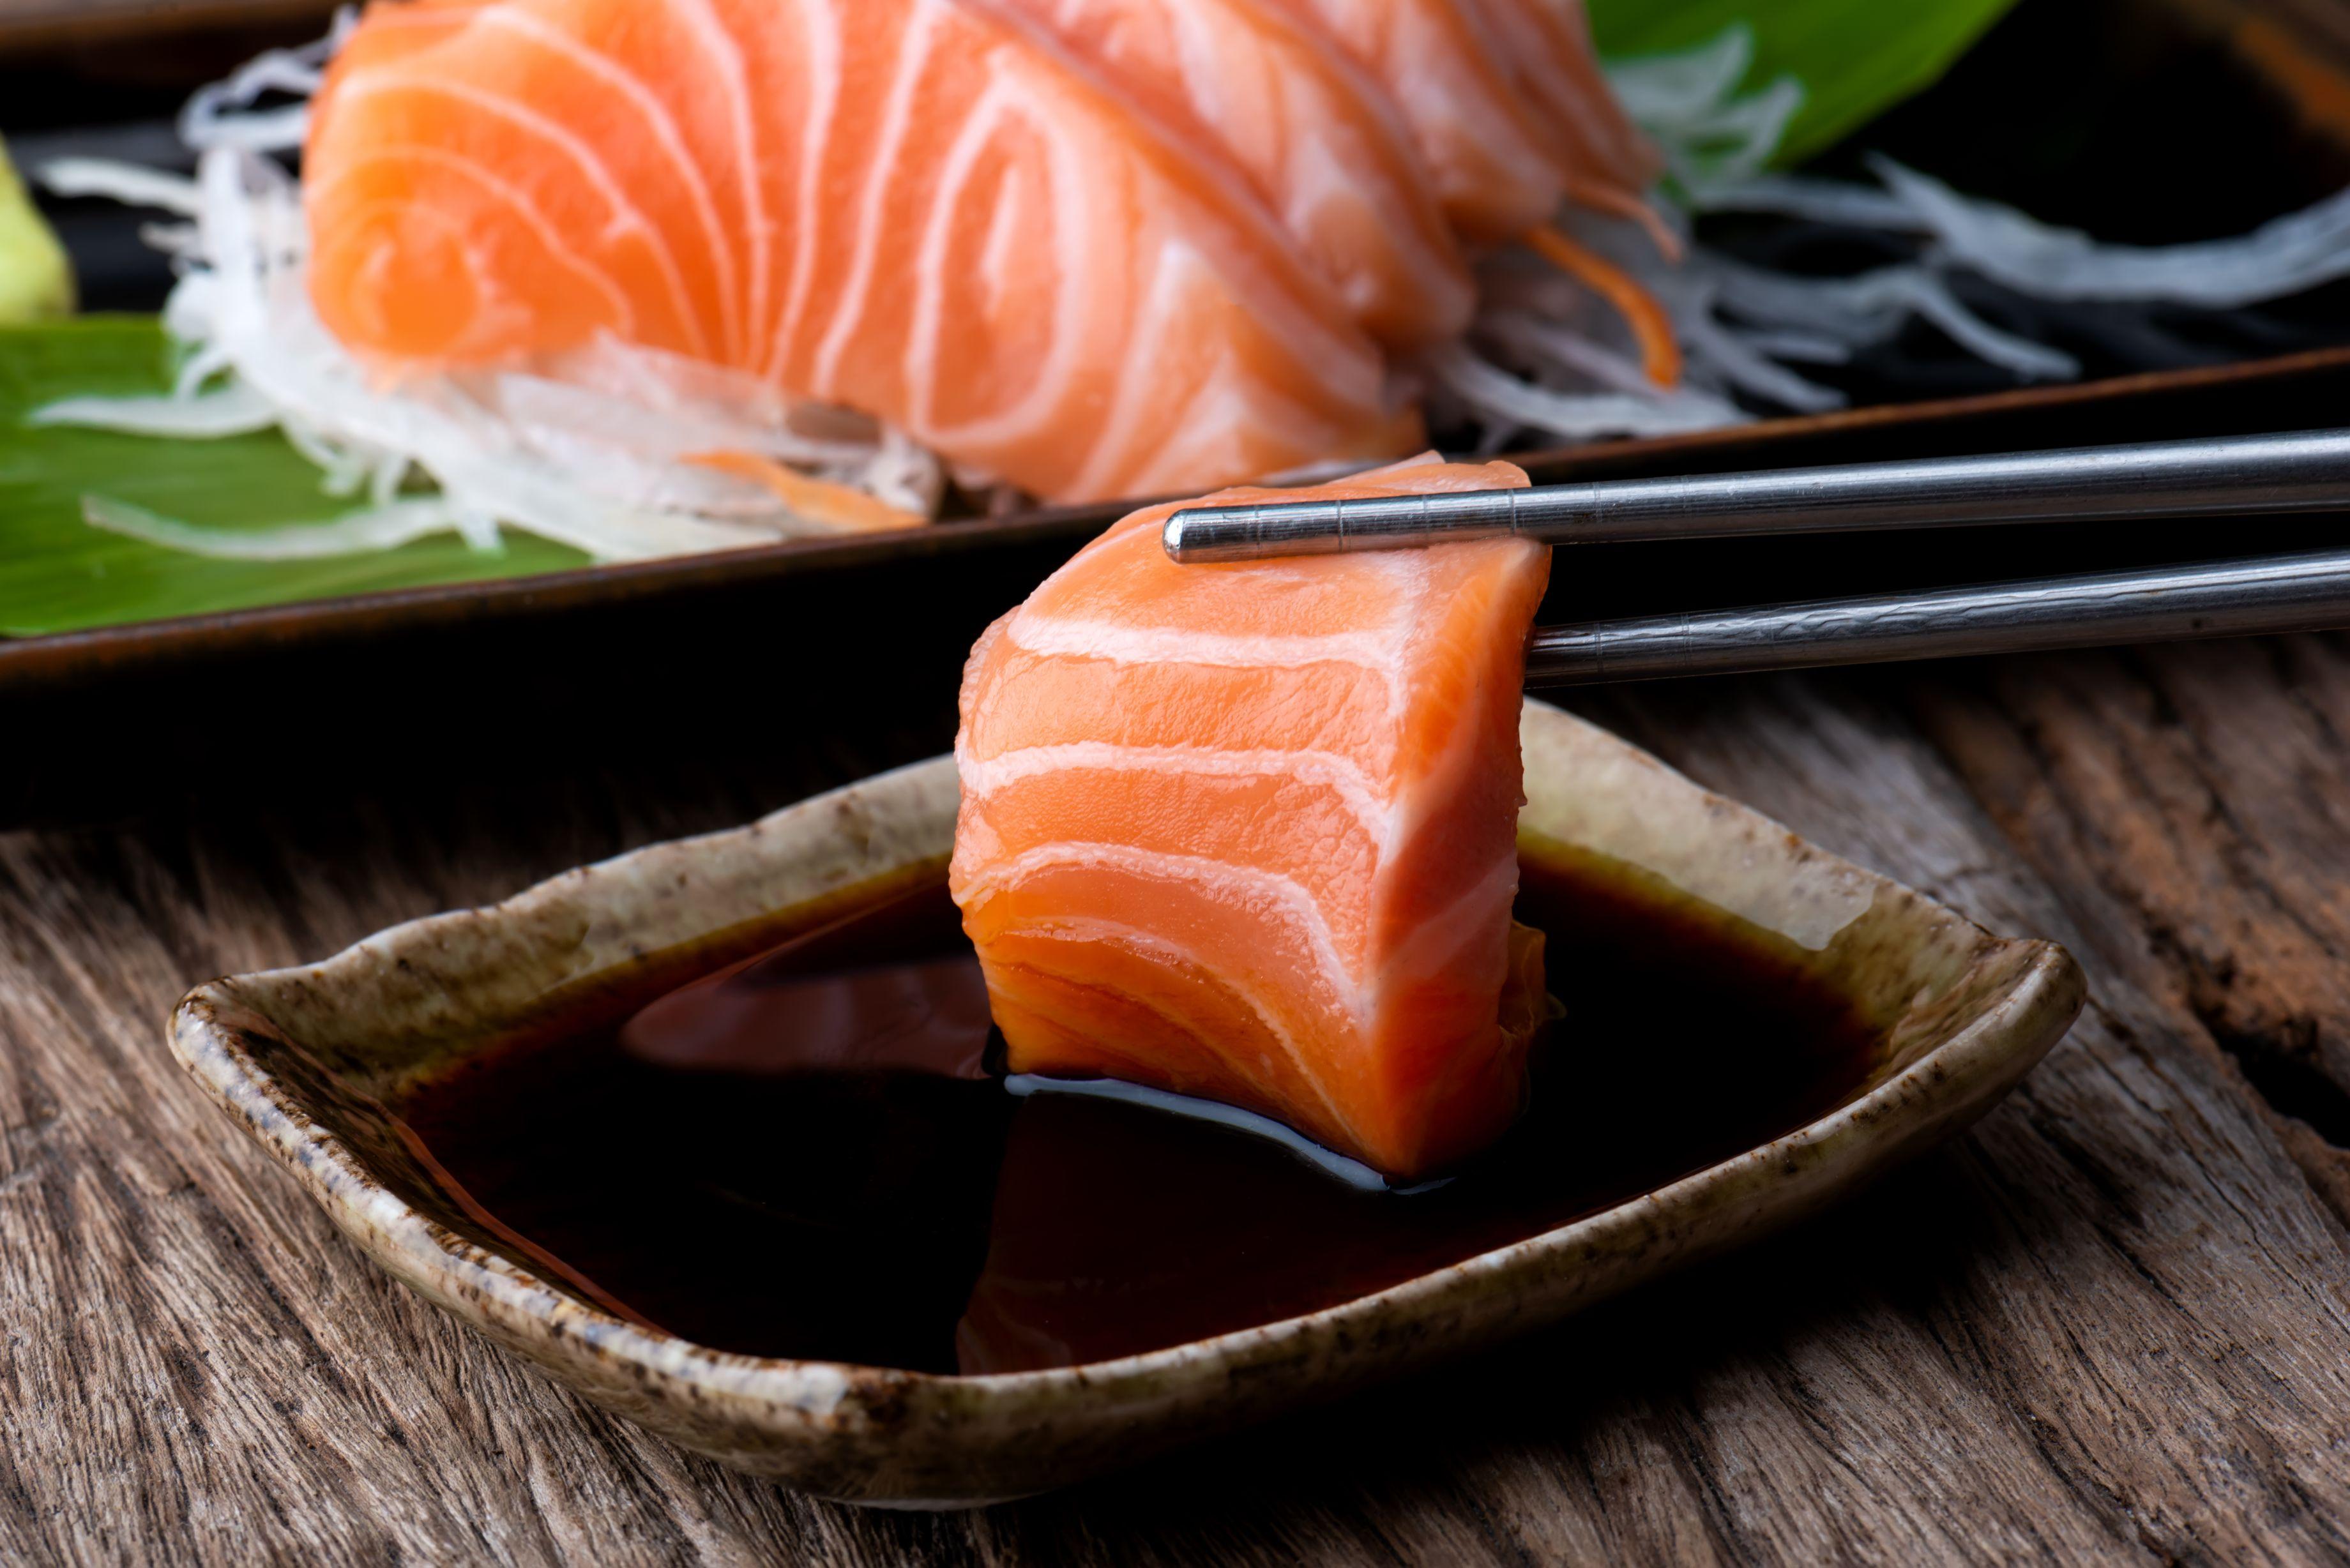 1 x Salmon Sashimi - Premium Air-flown from Norway